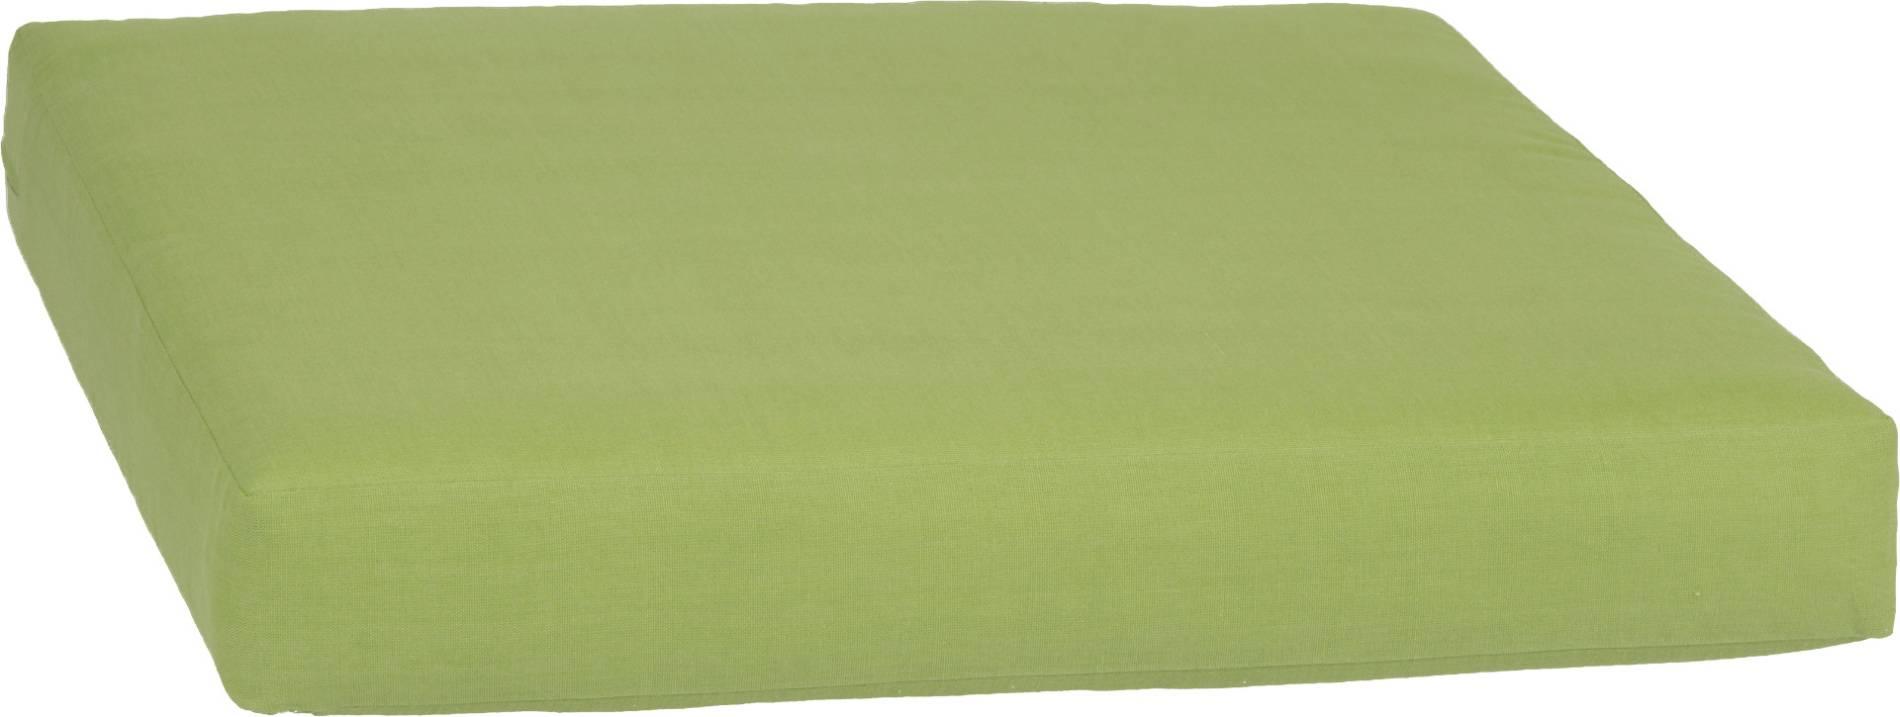 acamp Weekend Sitzkissen für Basiselement apfelgrün 70 x 70 x 8 cm